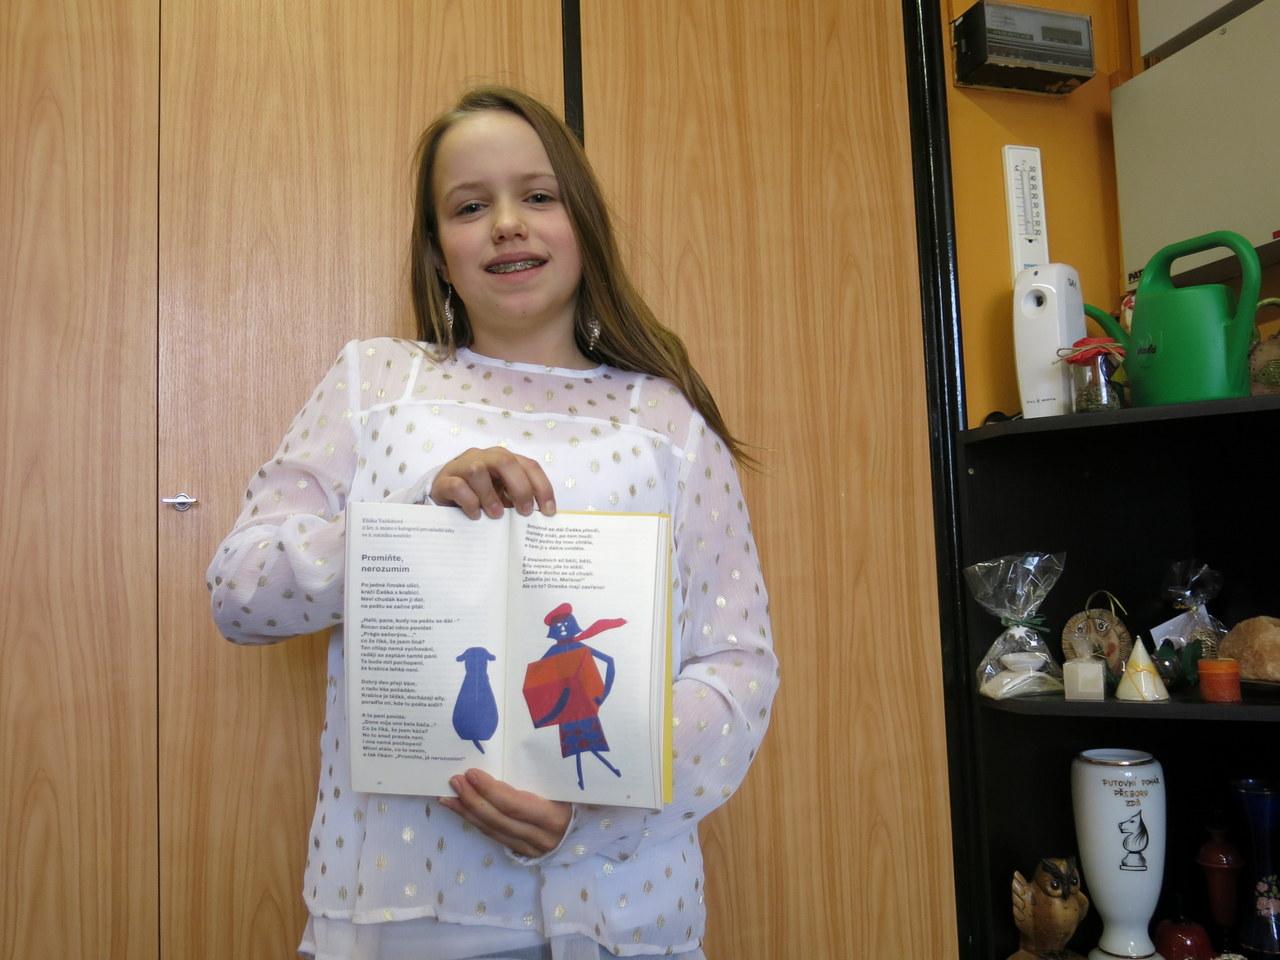 Mladá spisovatelka Eliška Vaňkátová